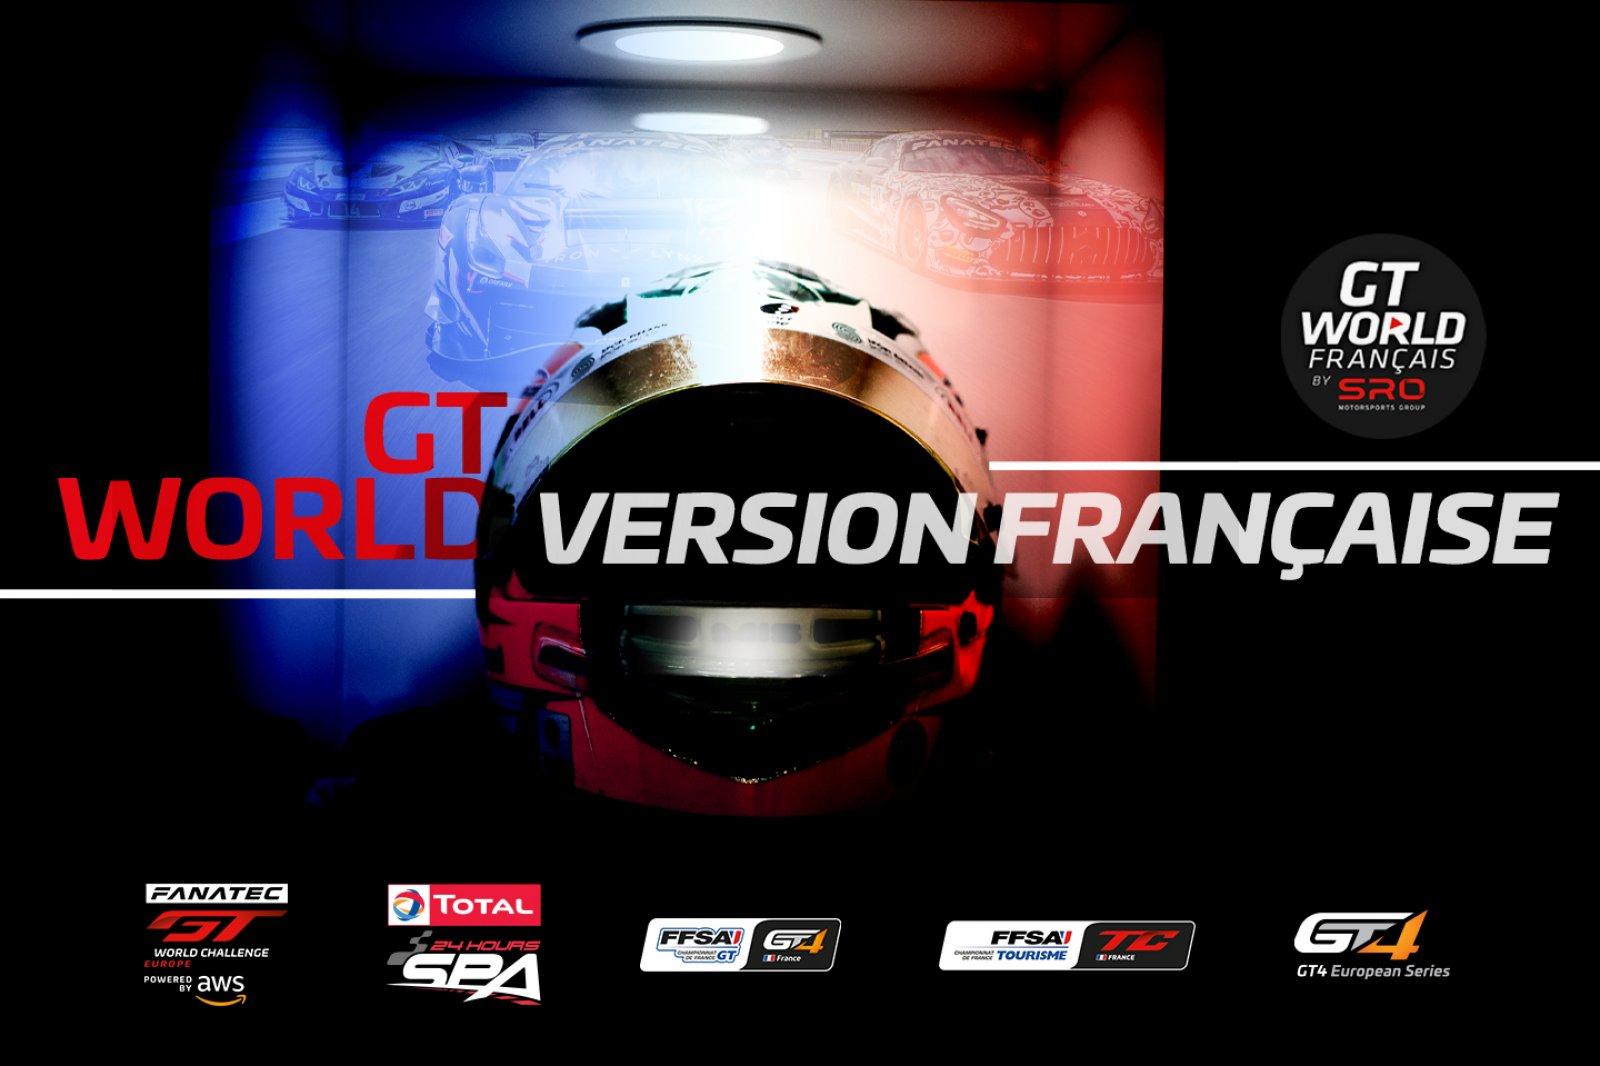 SRO Motorsports Group lance GTWorld Français sur YouTube